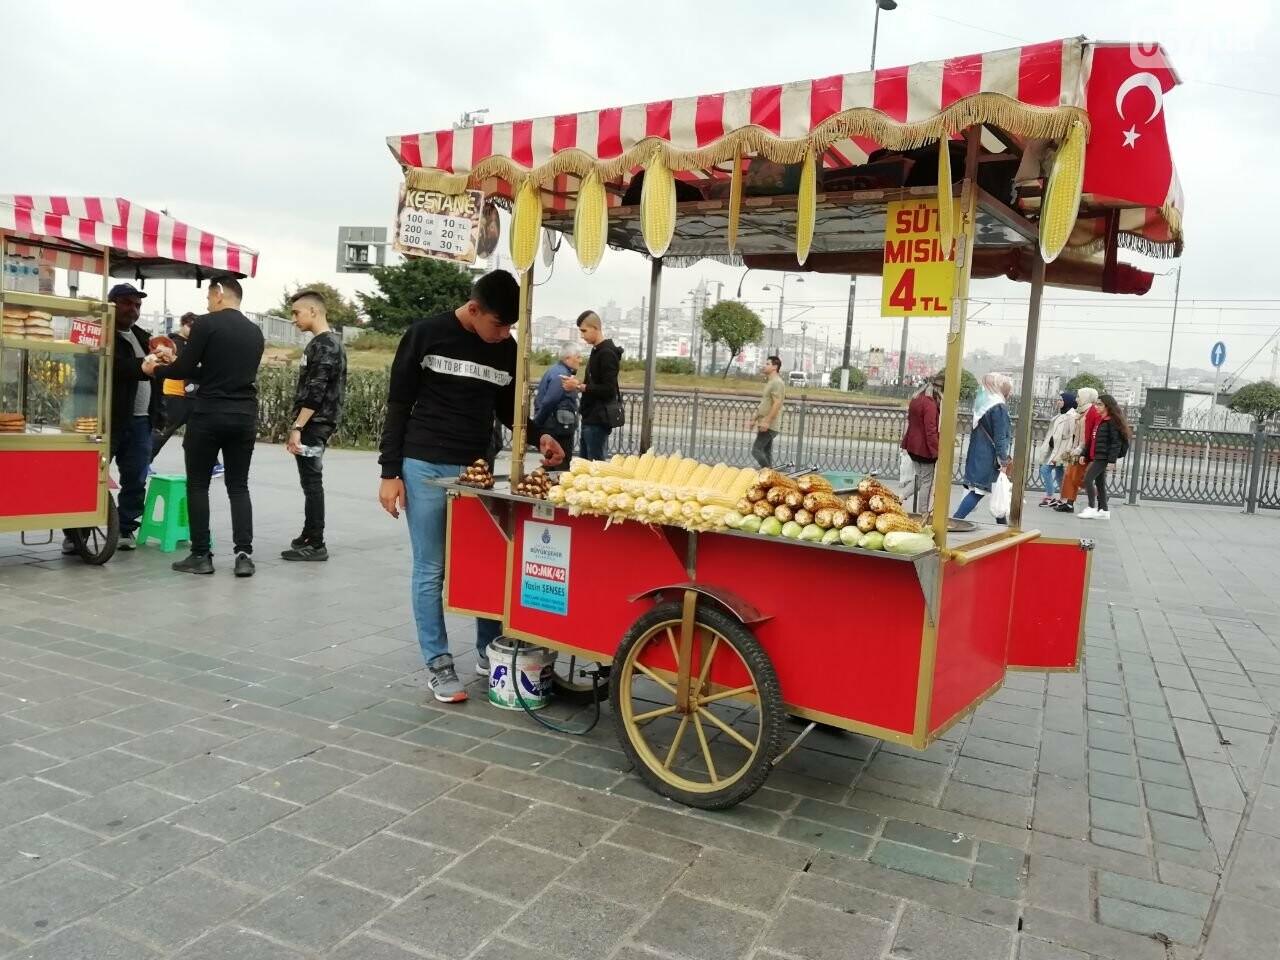 Из Харькова в Стамбул. Как добраться, что попробовать и на что посмотреть в турецком городе, - ФОТО, фото-54